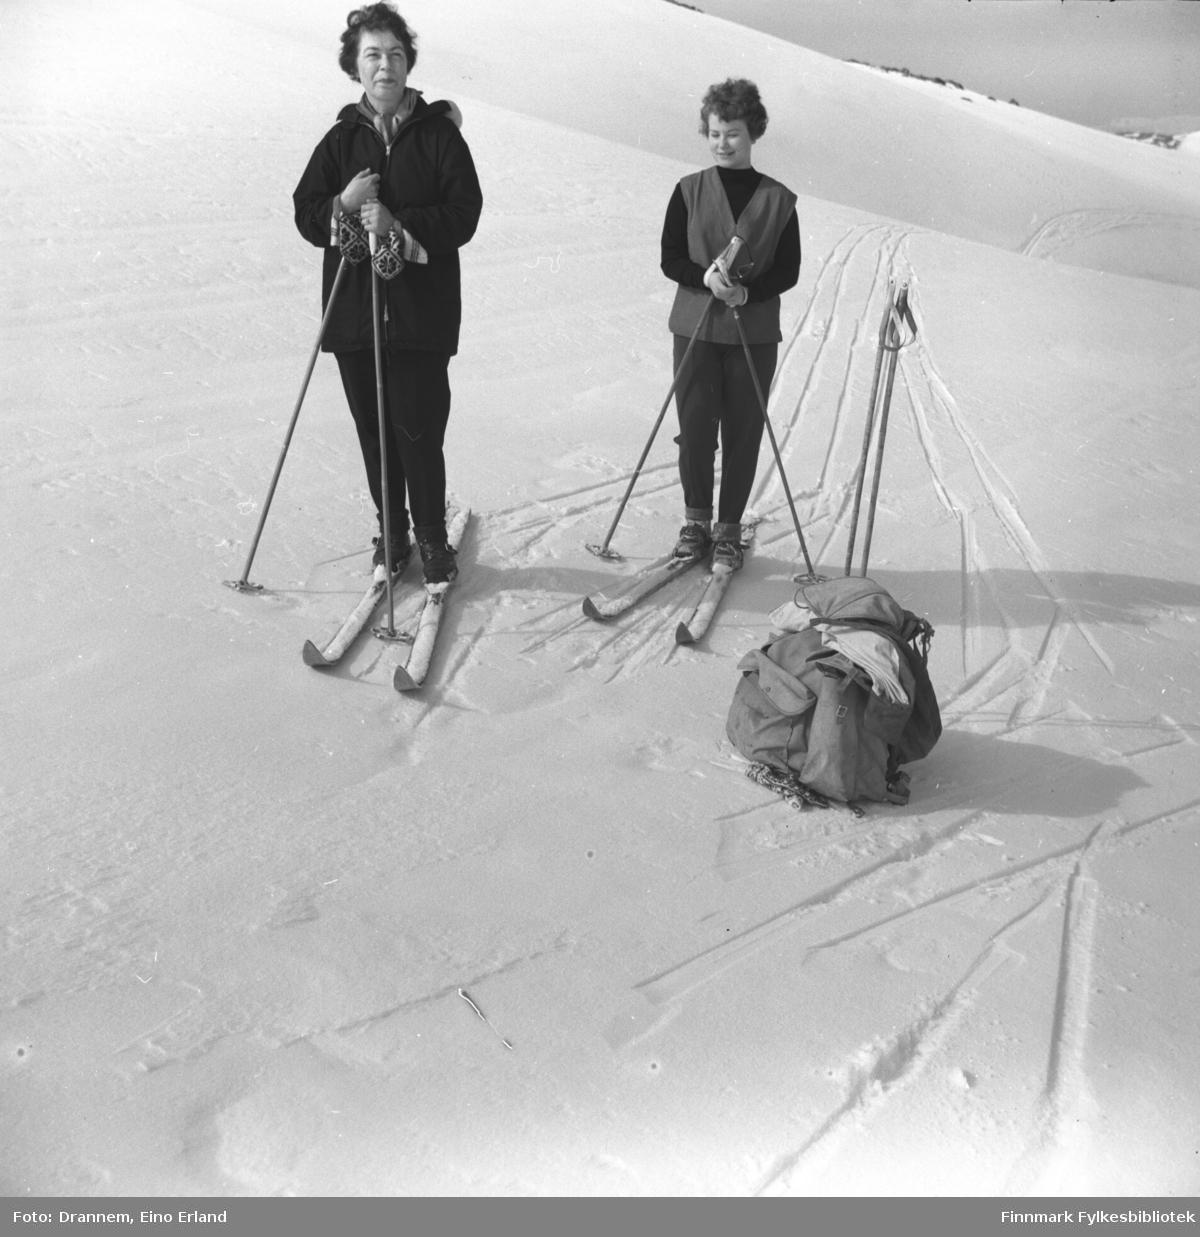 Turid Karikoski og Jenny Drannem på skitur i fjellet, sted ukjent.